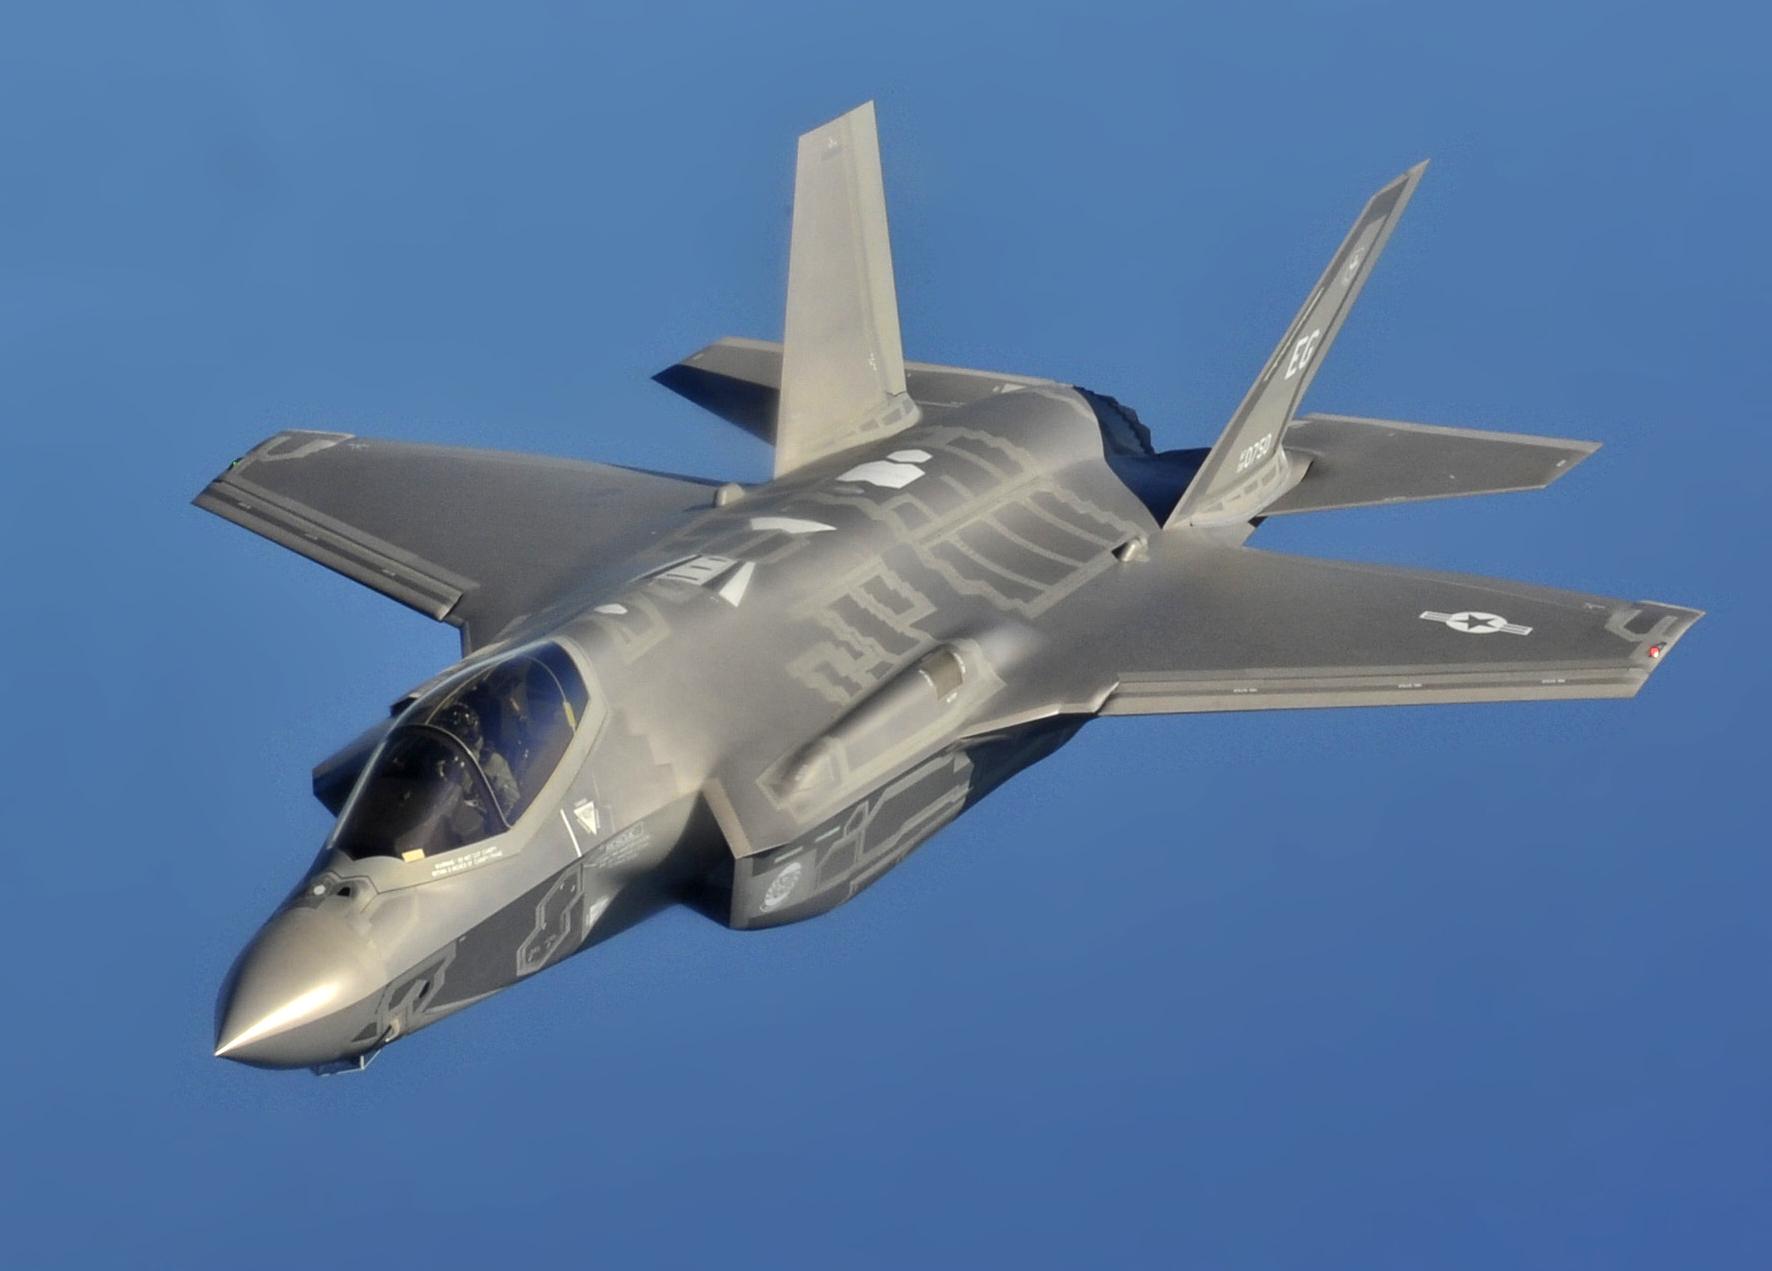 В Китае американский истребитель F-35 назвали сырым